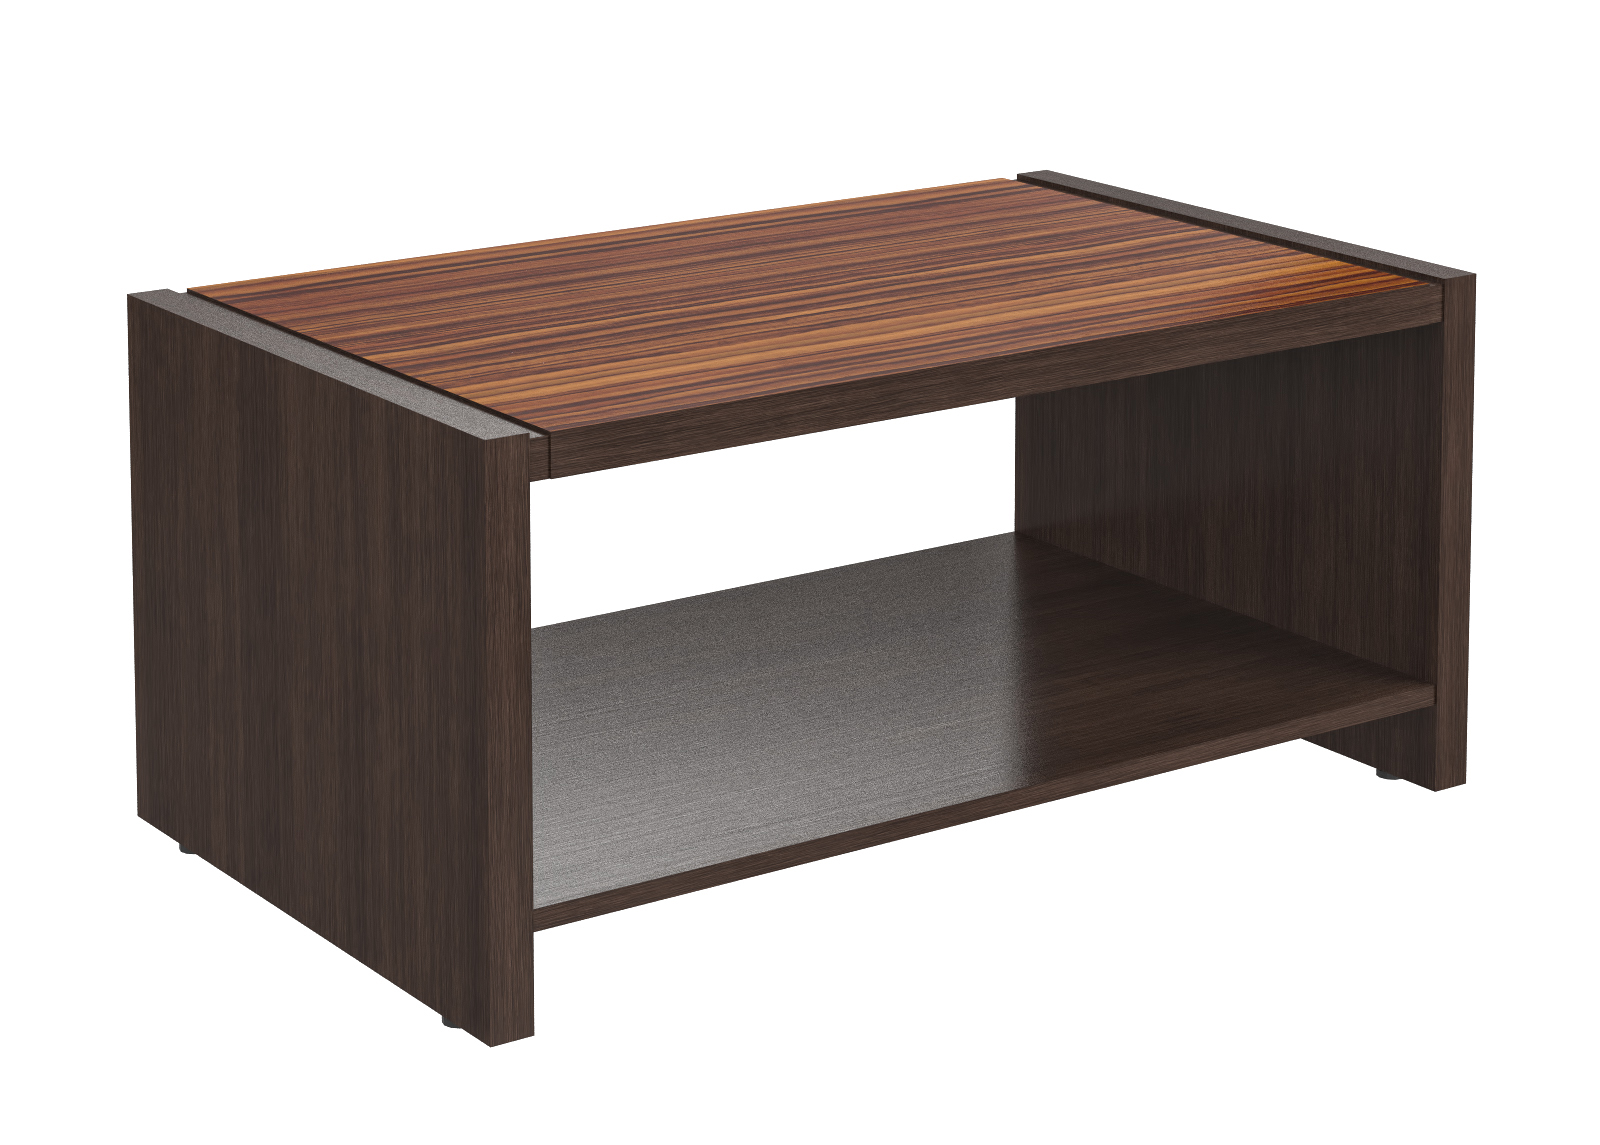 Sohvapöytä Morris 100x60 cm